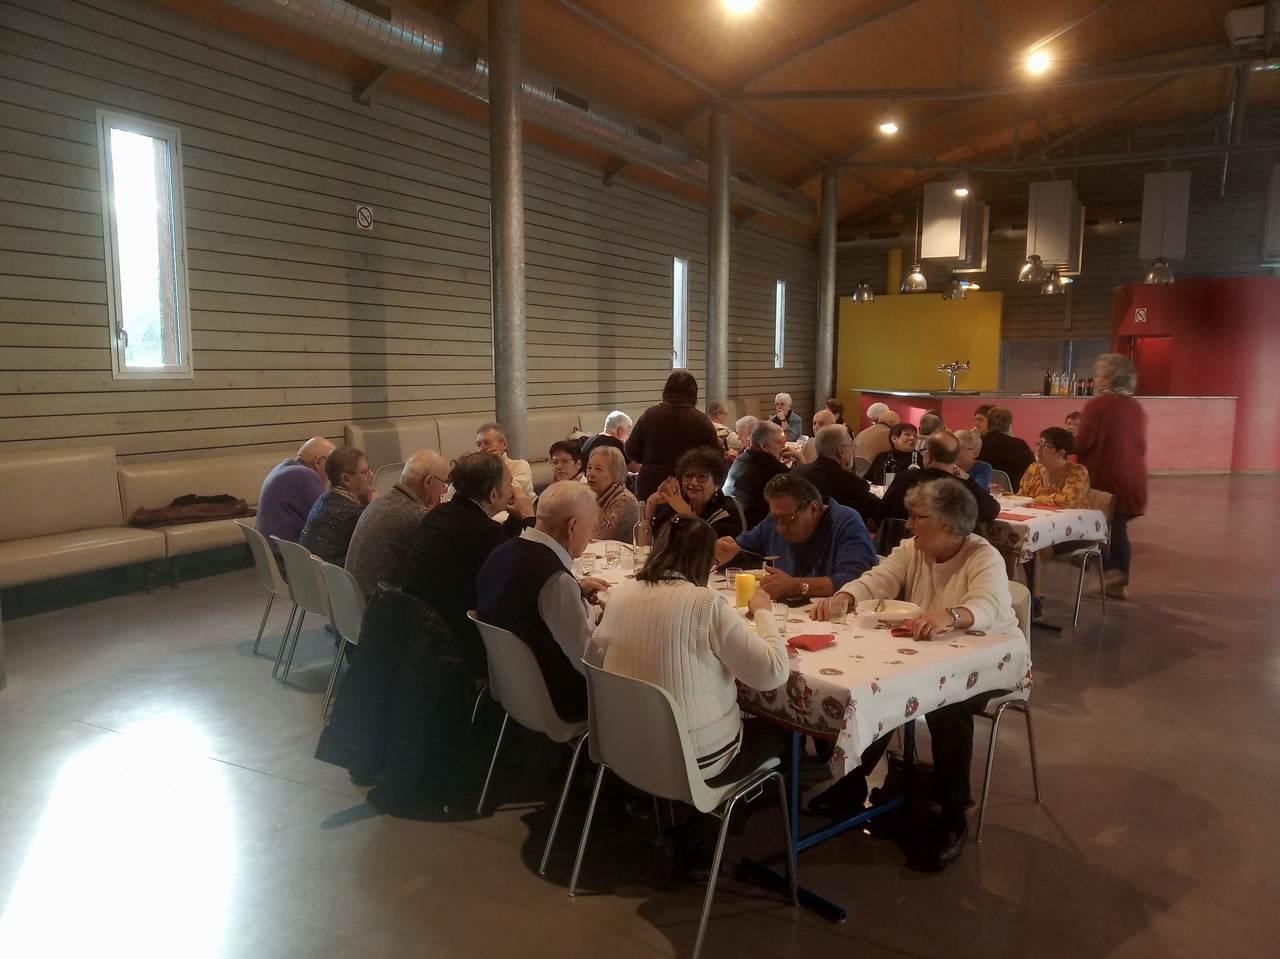 19-12-19 repas des ainés7.jpg